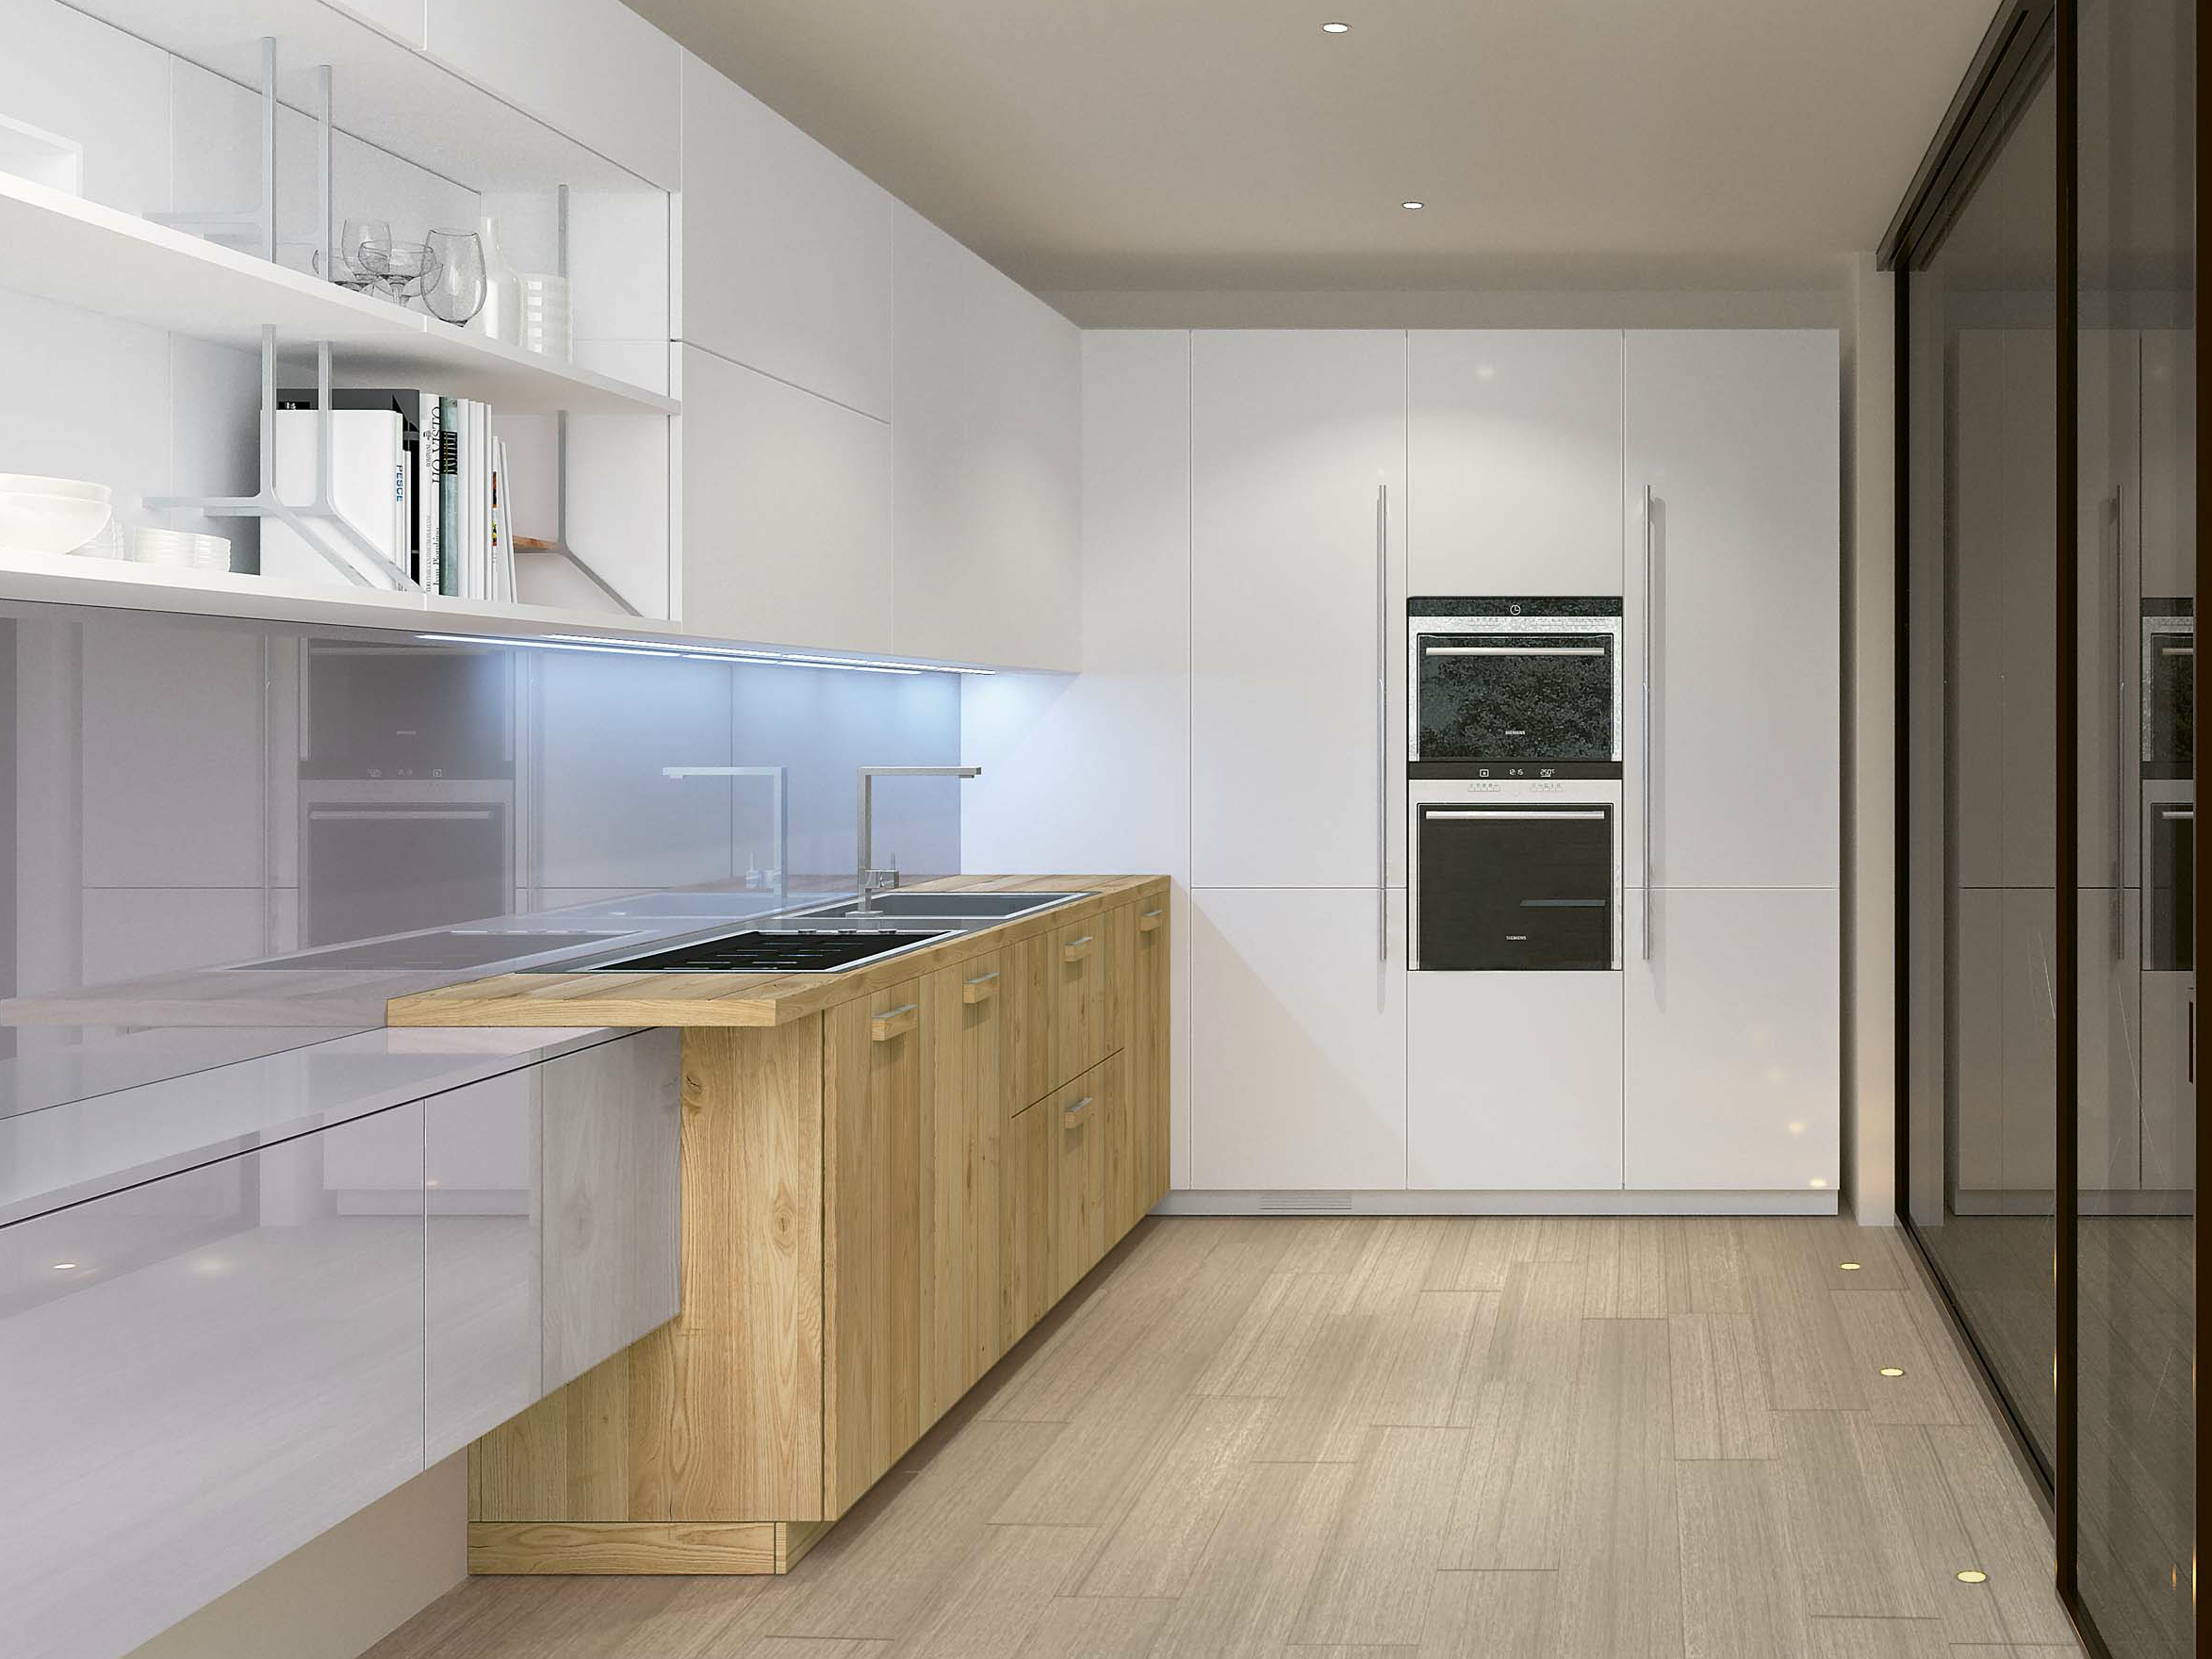 Noblesse cucina in legno massello by aster cucine design lorenzo granocchia - Cucine aster prezzi ...